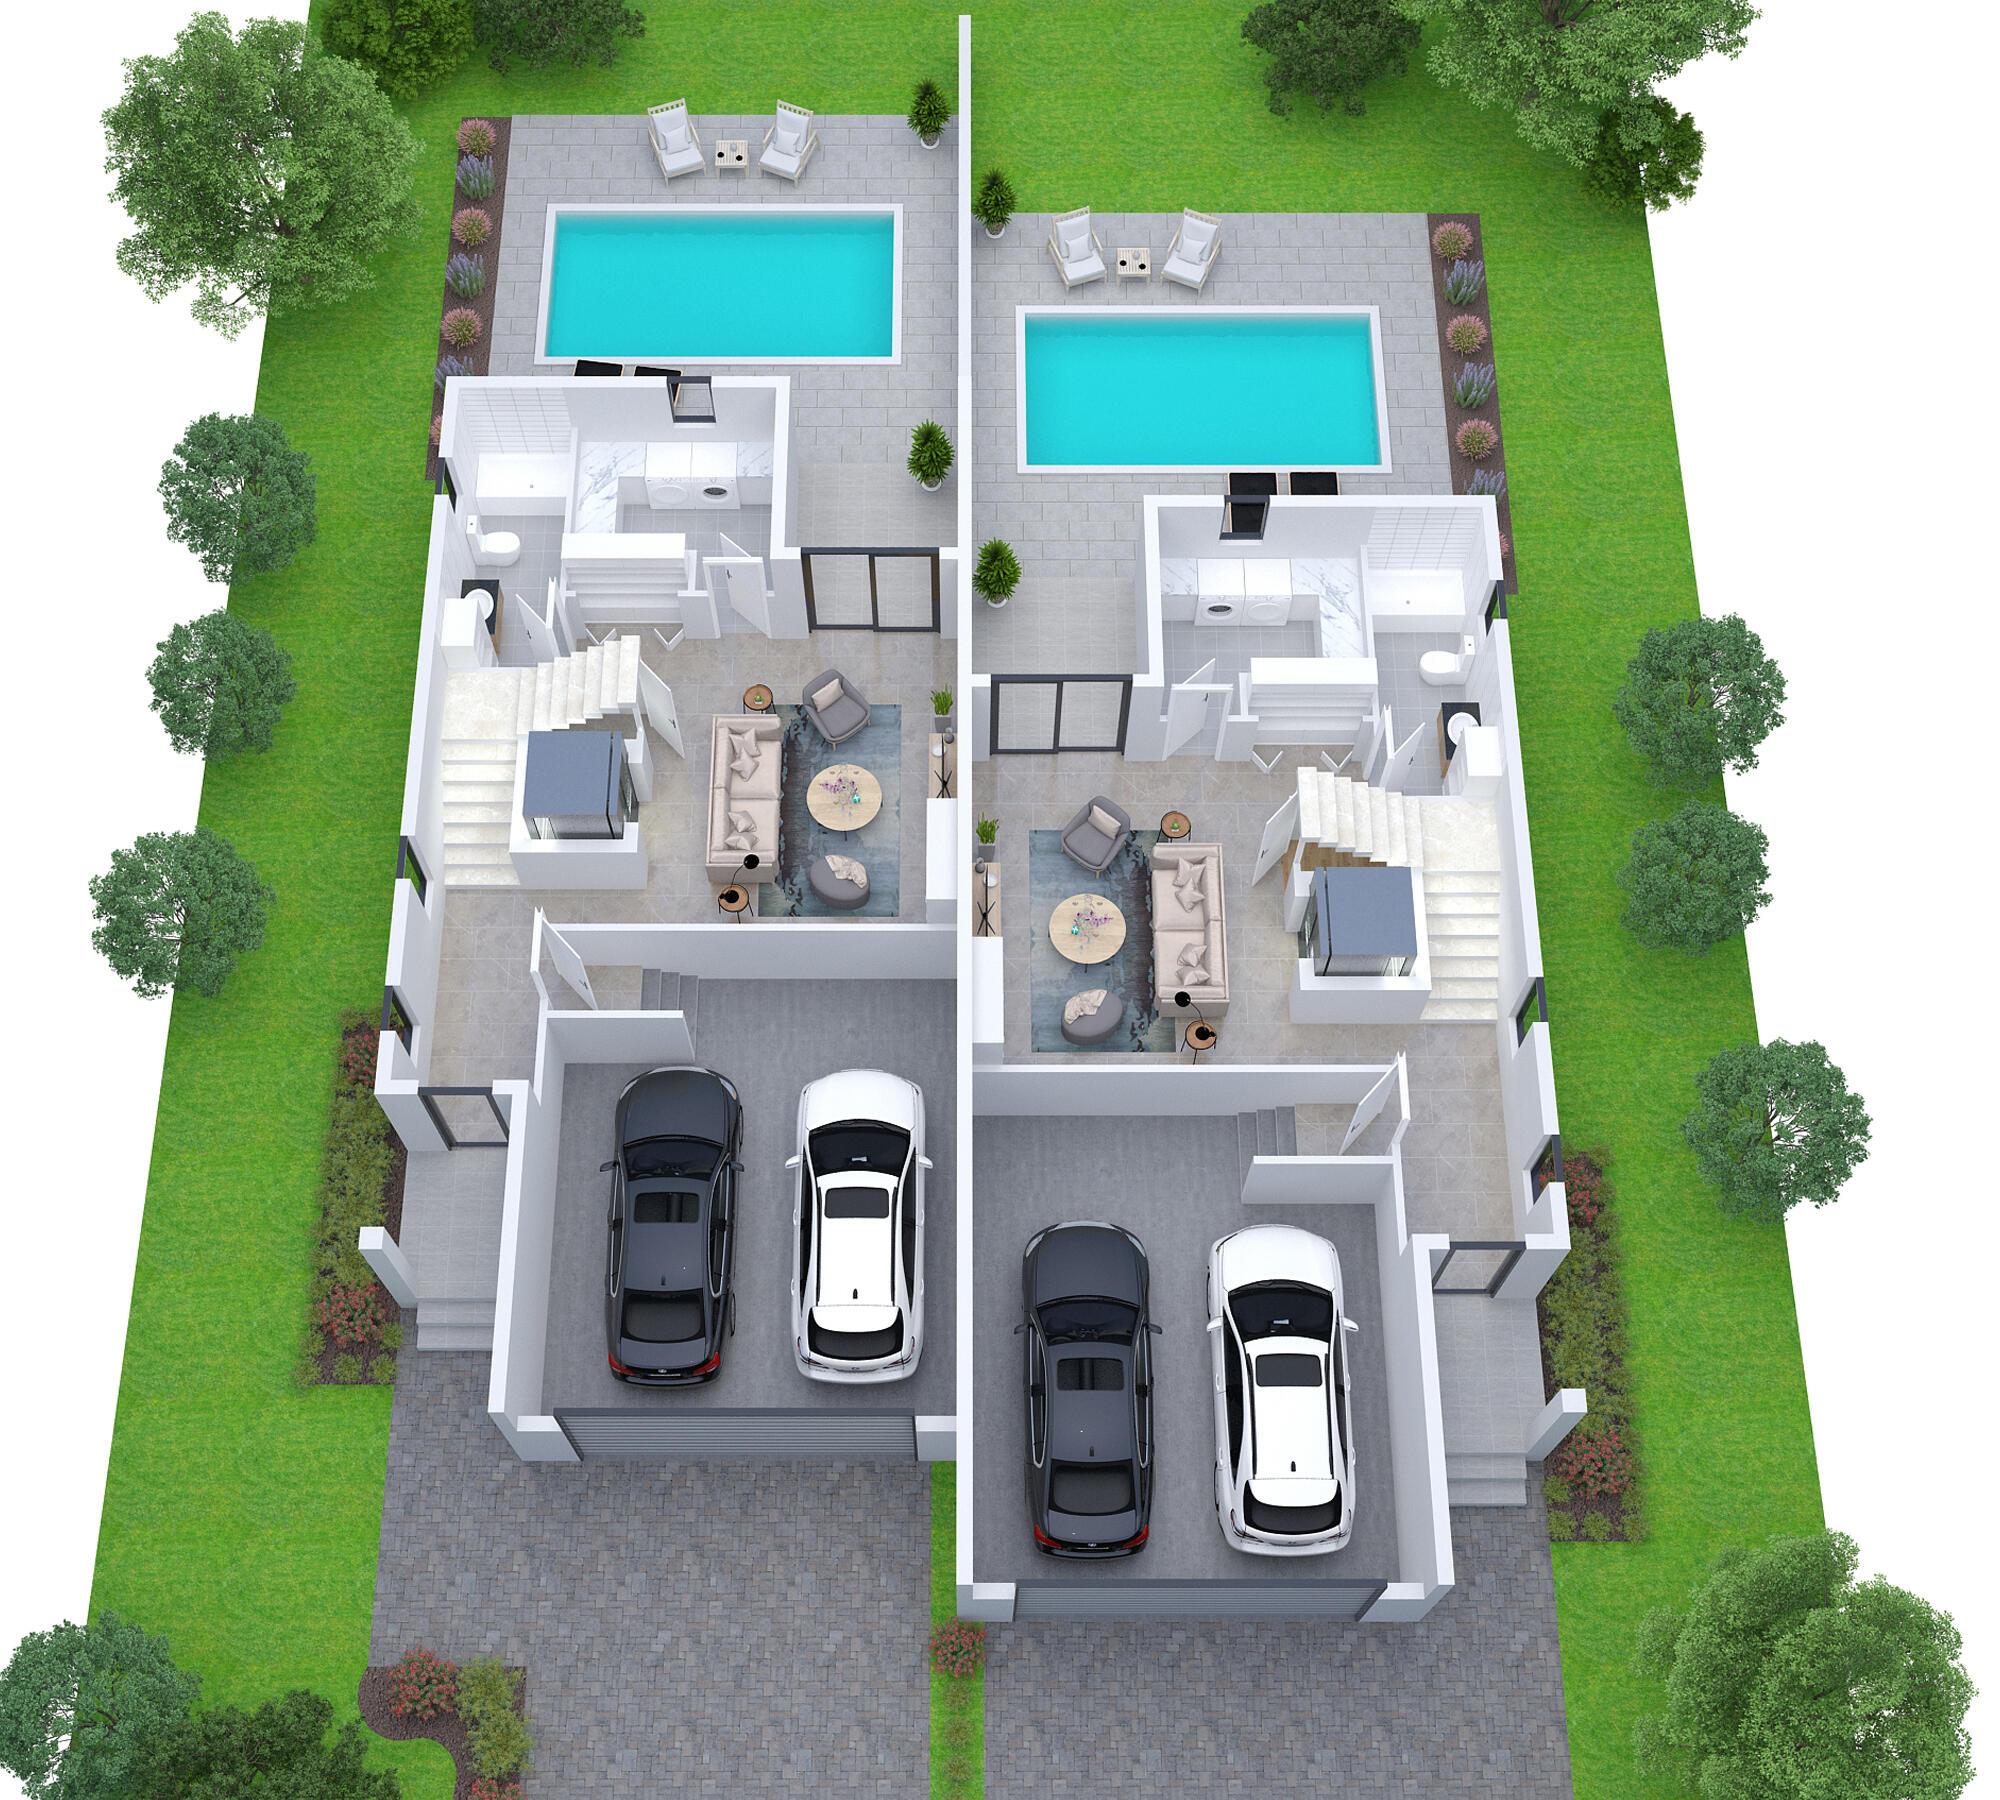 Lot 4 5 -First floor plan